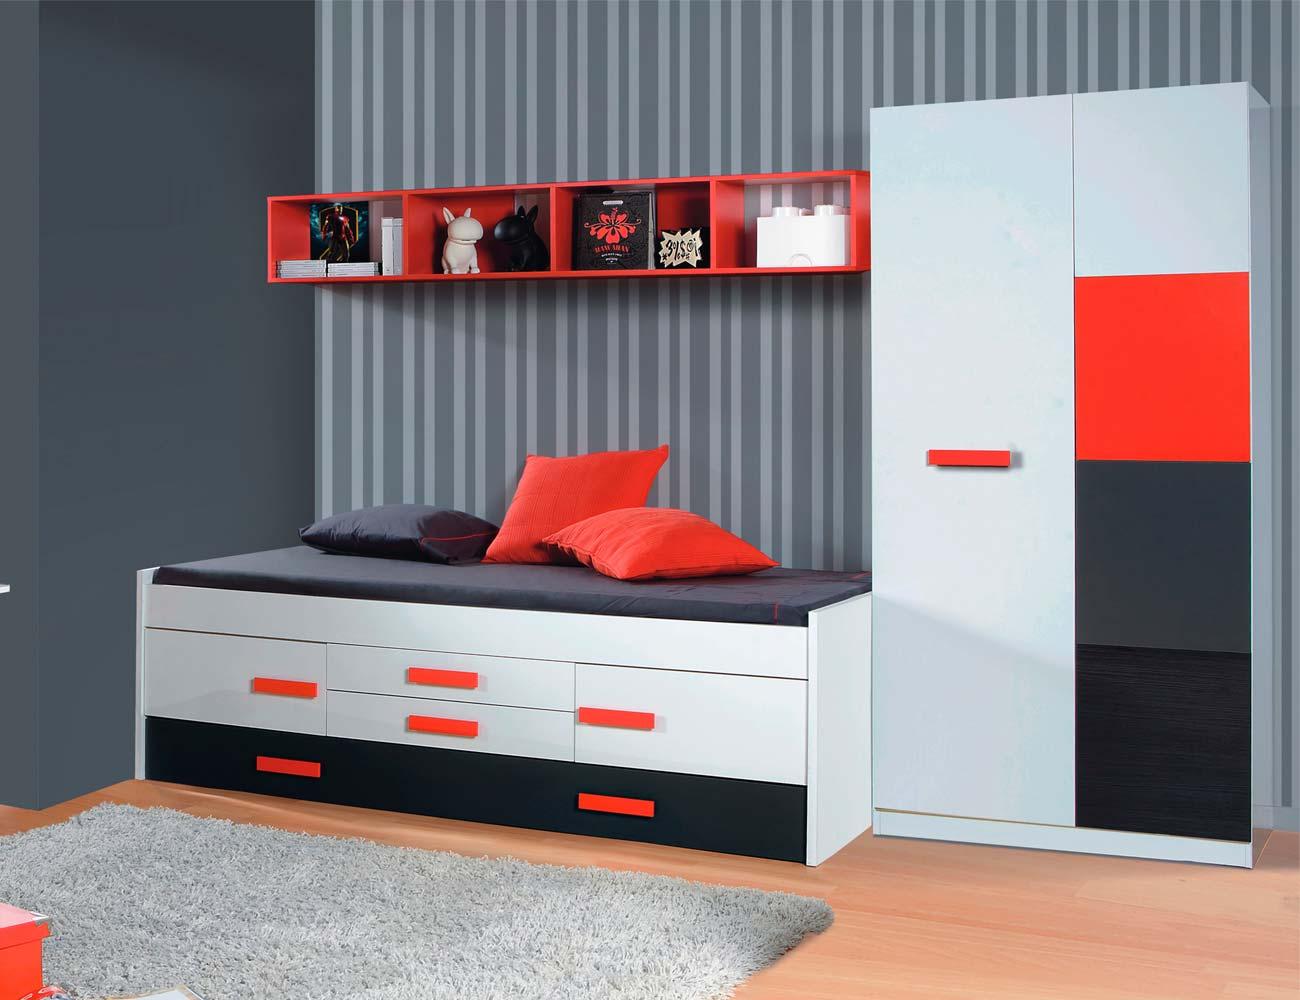 Dormitorio juvenil blanco rojo armario1